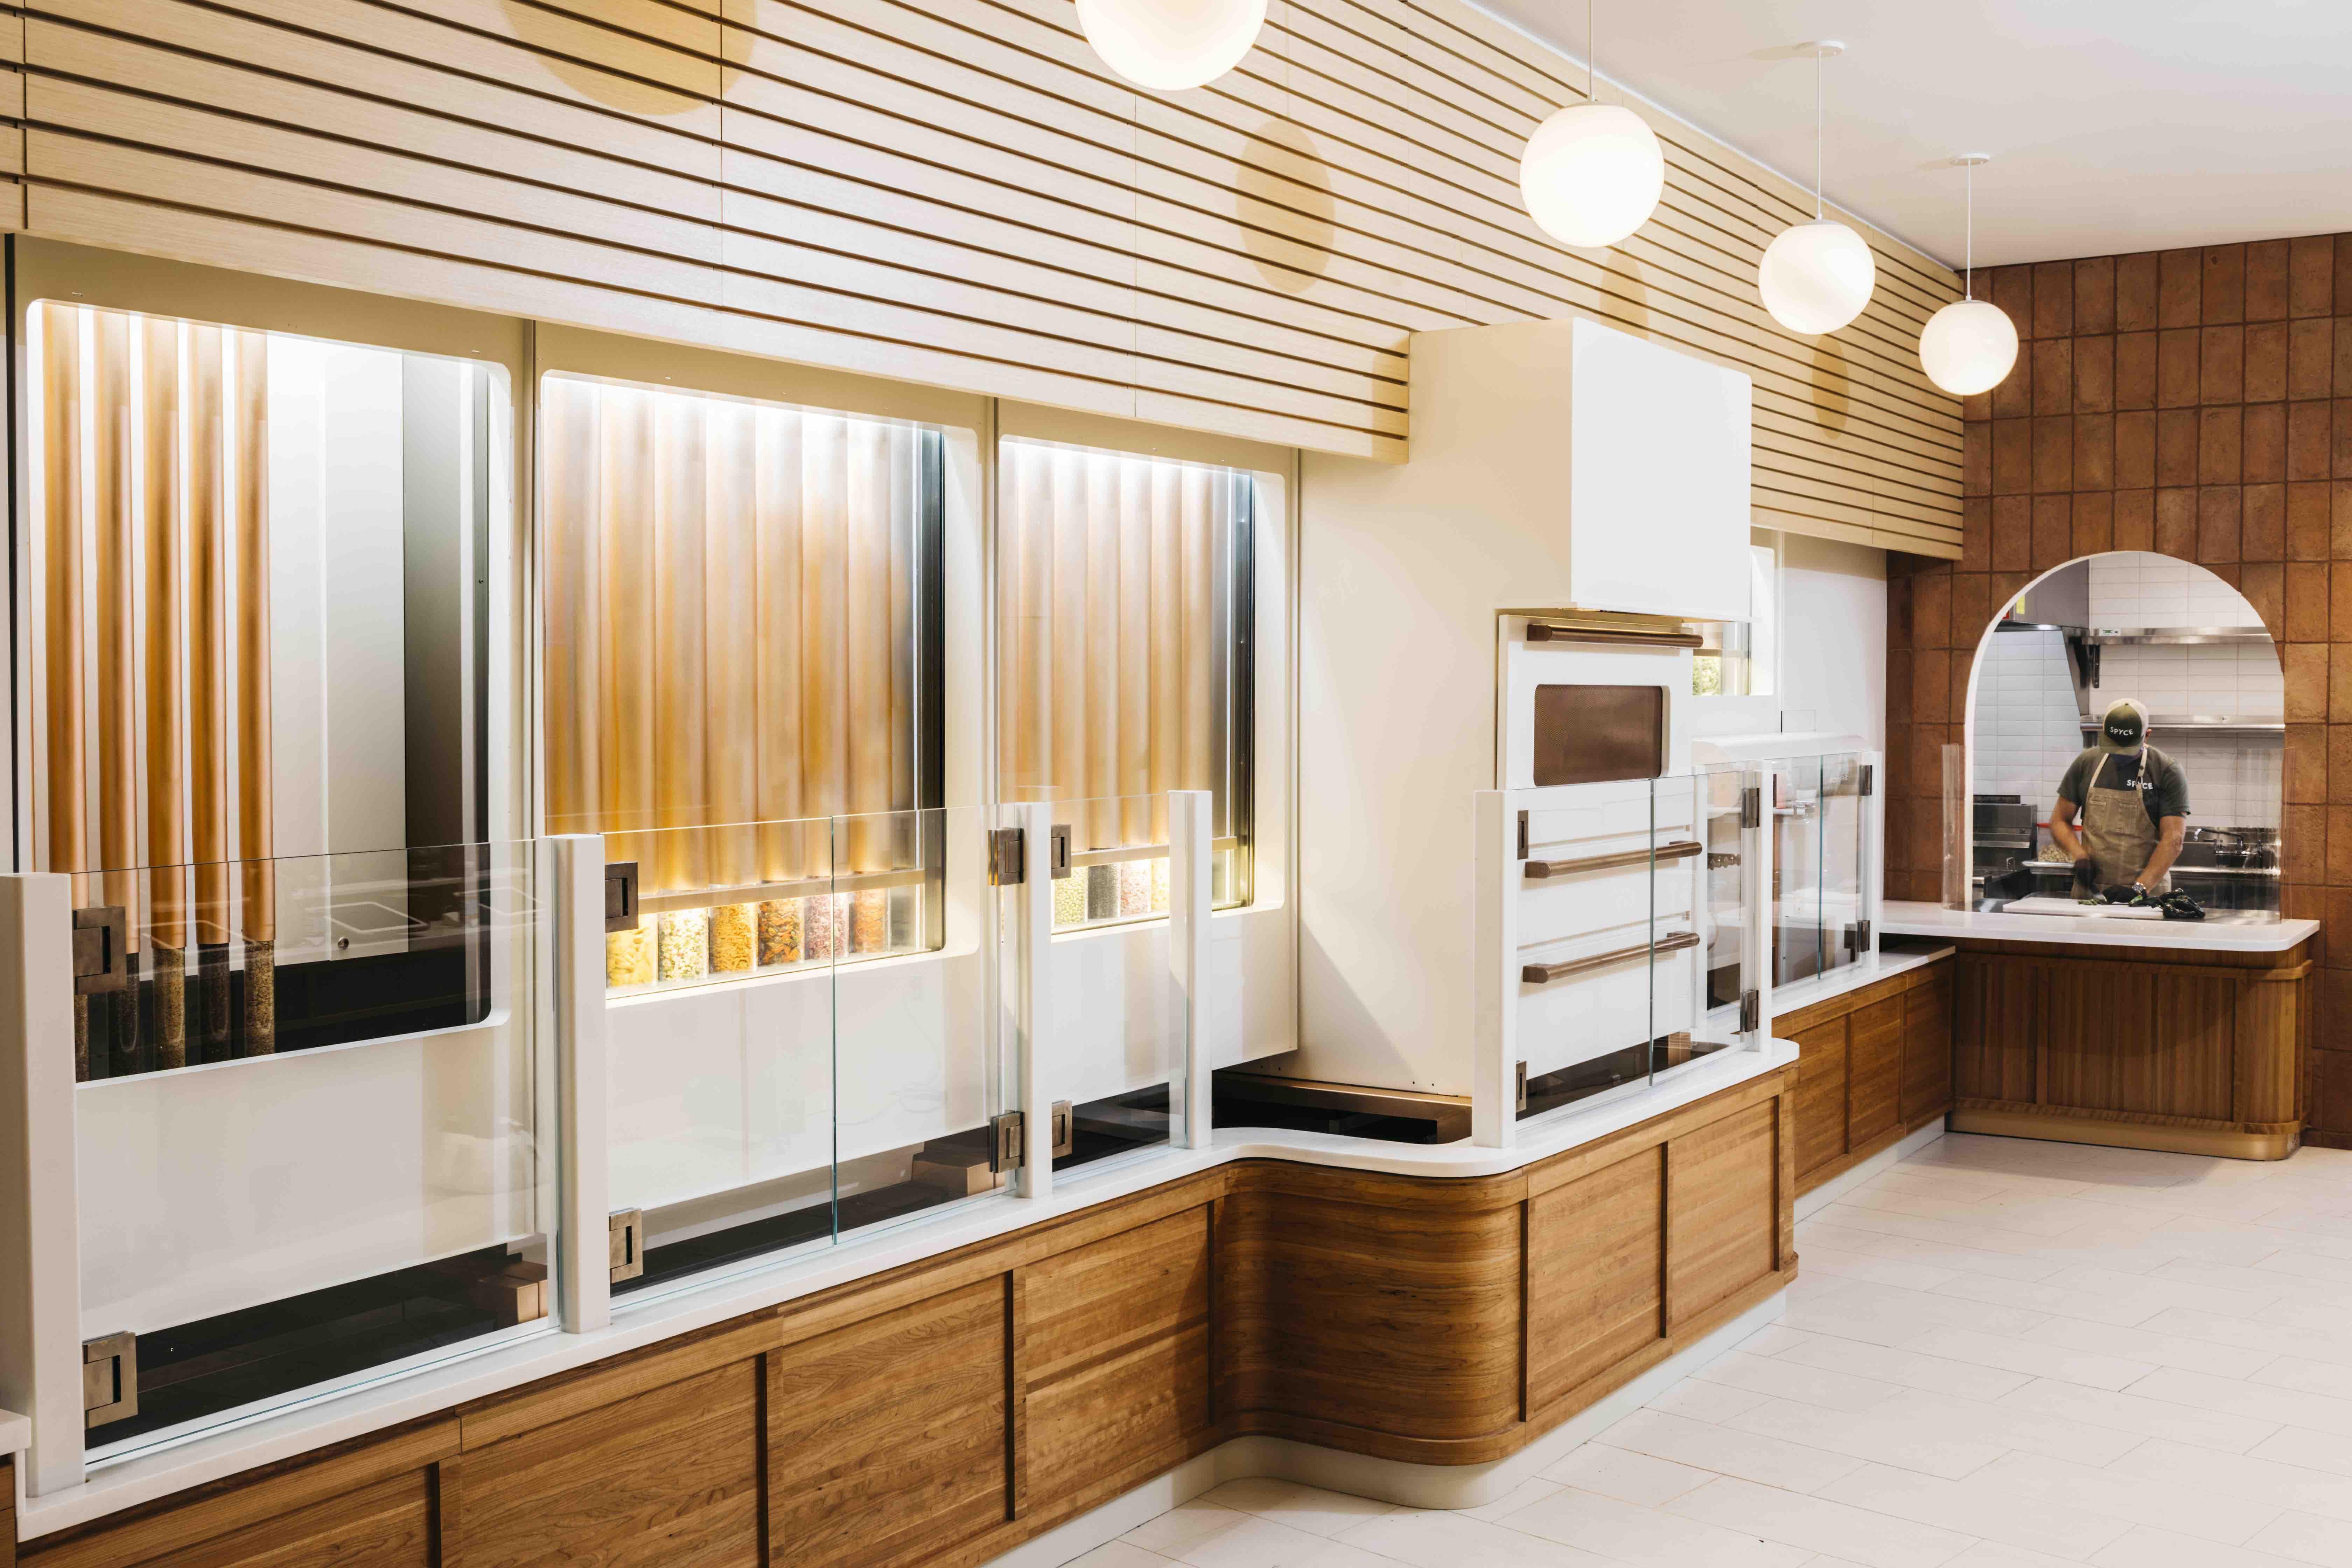 Infinite Kitchen